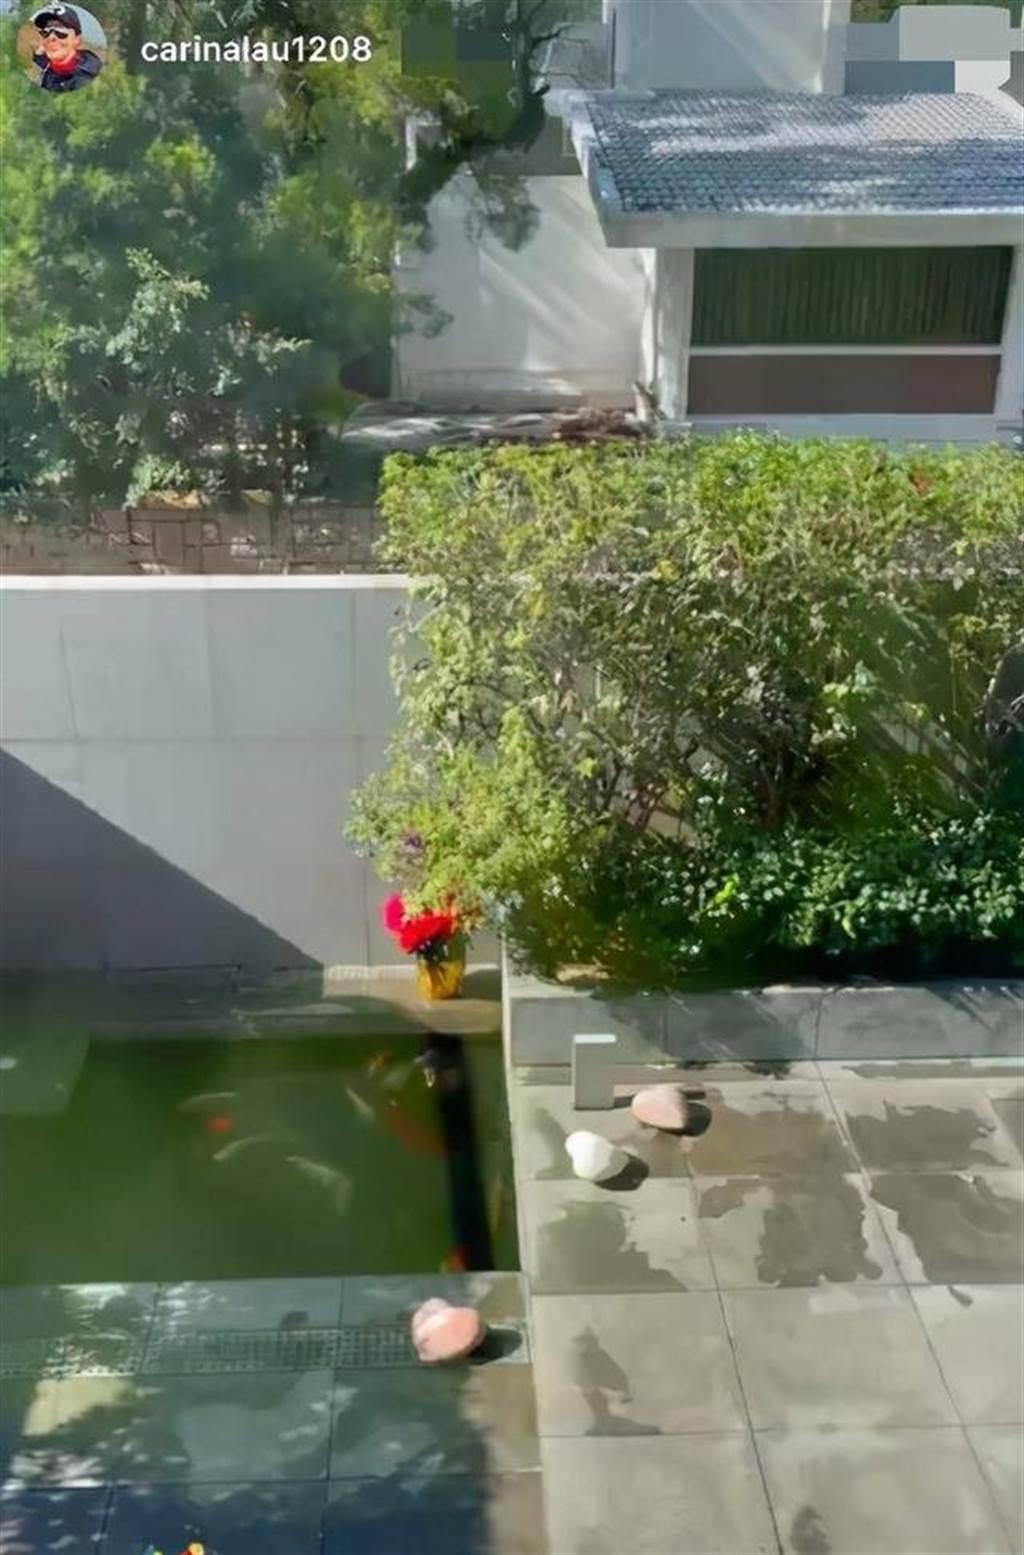 刘嘉玲难得开箱爱巢,曝光了豪宅古色古香的庭院。(翻摄自刘嘉玲IG)